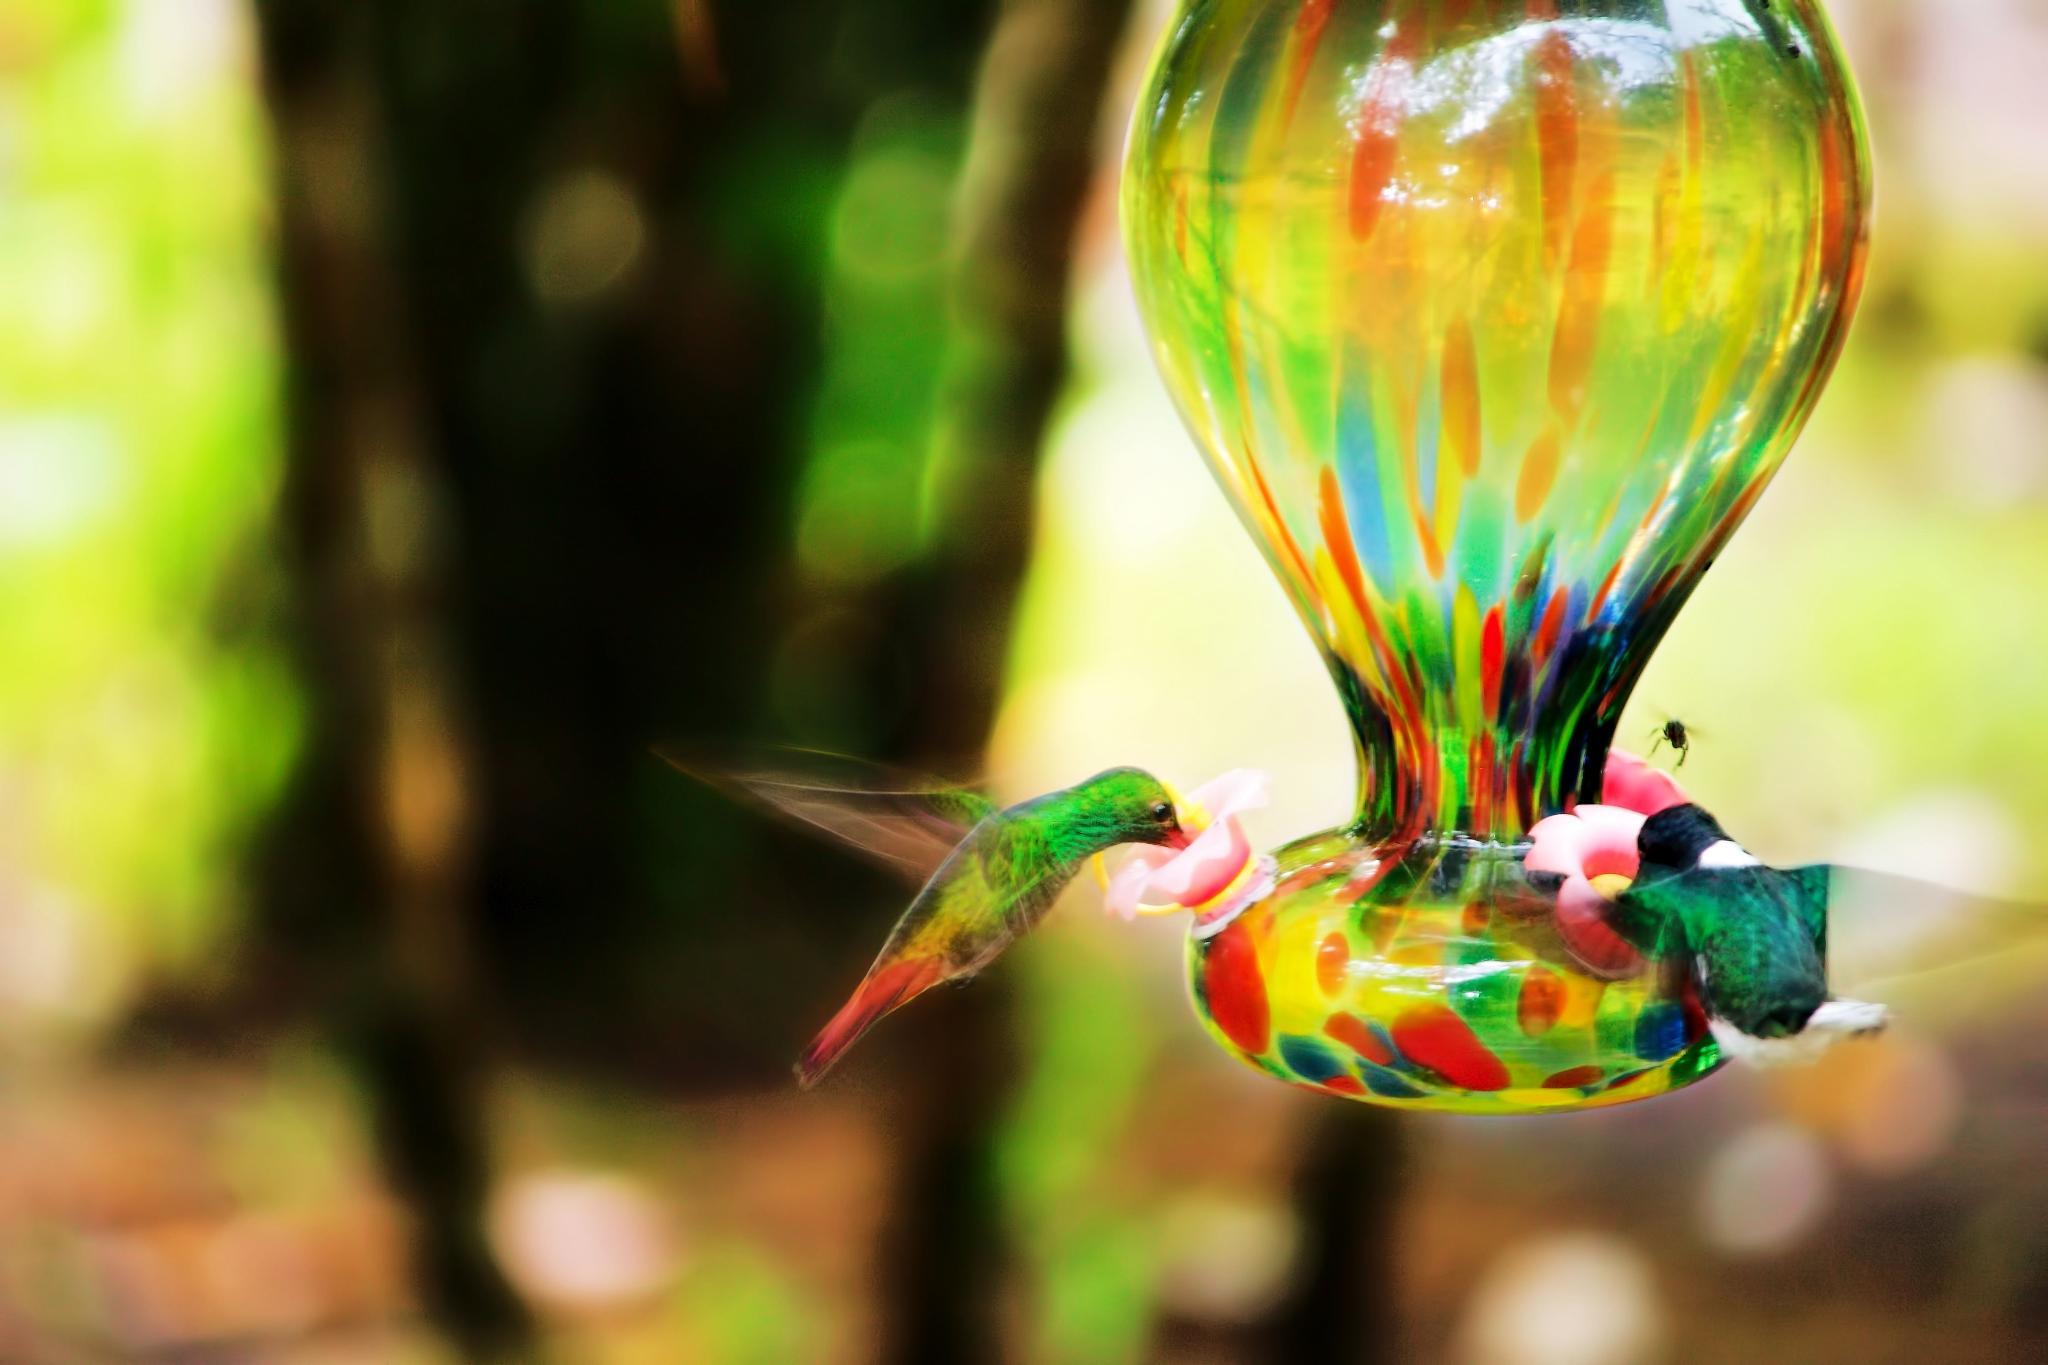 Hummingbird by ochemodan